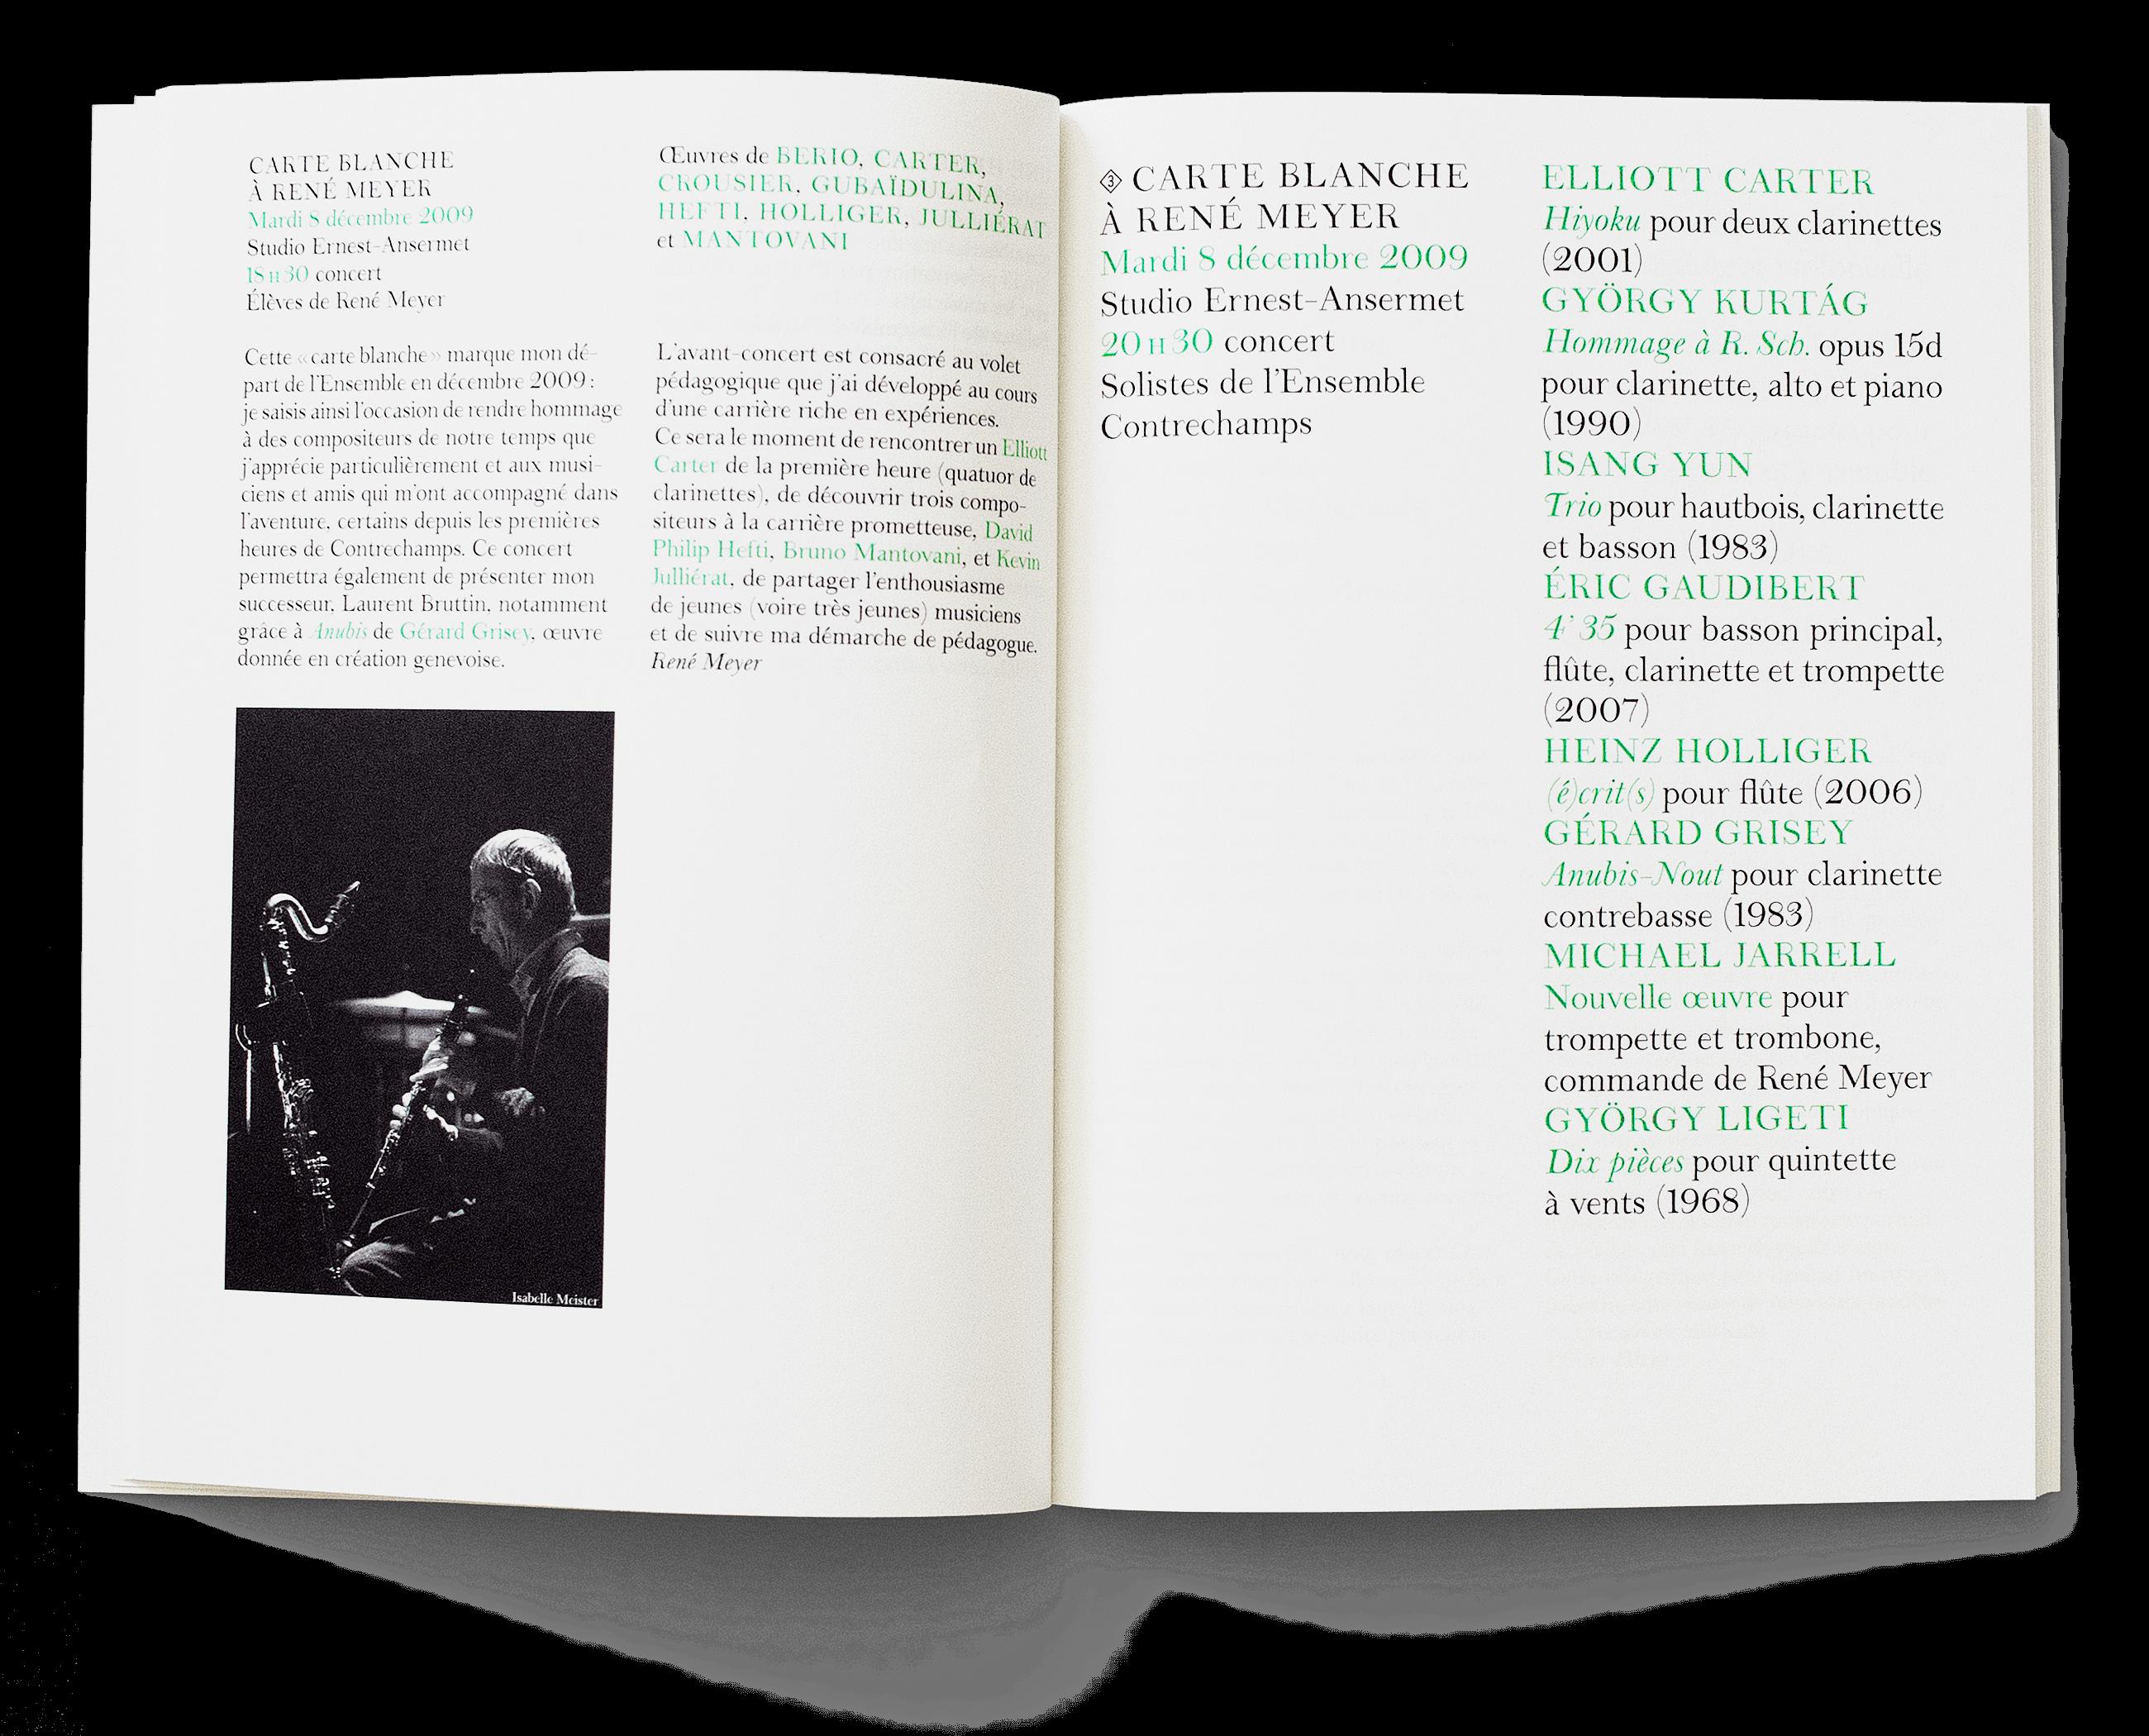 Programme de saison, toujours avec l'identité visuelle développée pour l'Ensemble en 2008, dont le dessin d'une police de caractère (droit et italique). En tant que Schönherwehrs.